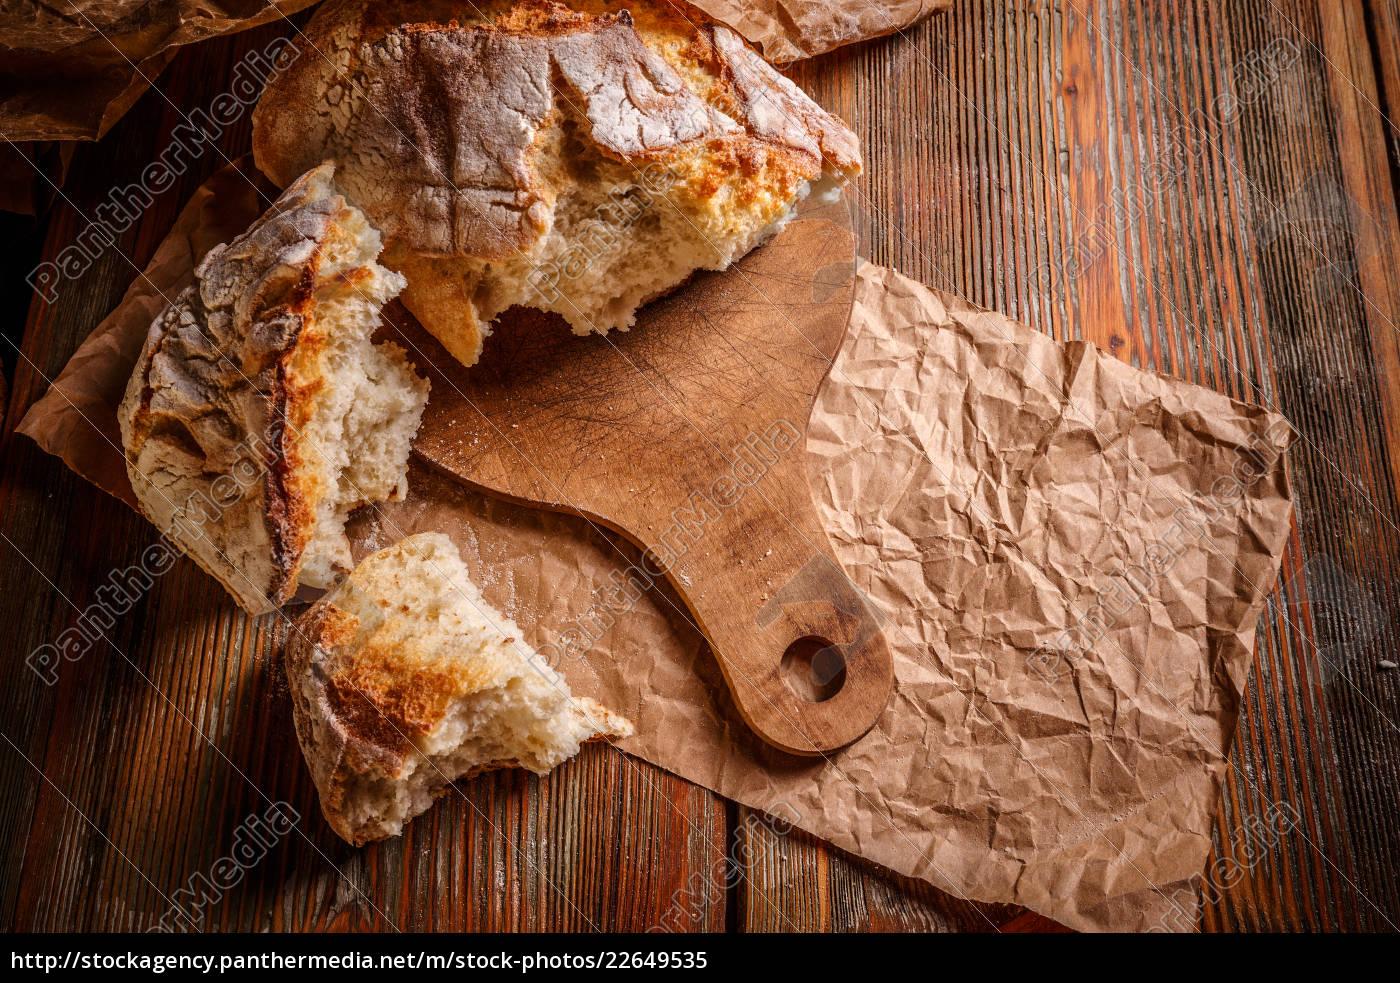 feche, acima, do, pão, rústico - 22649535